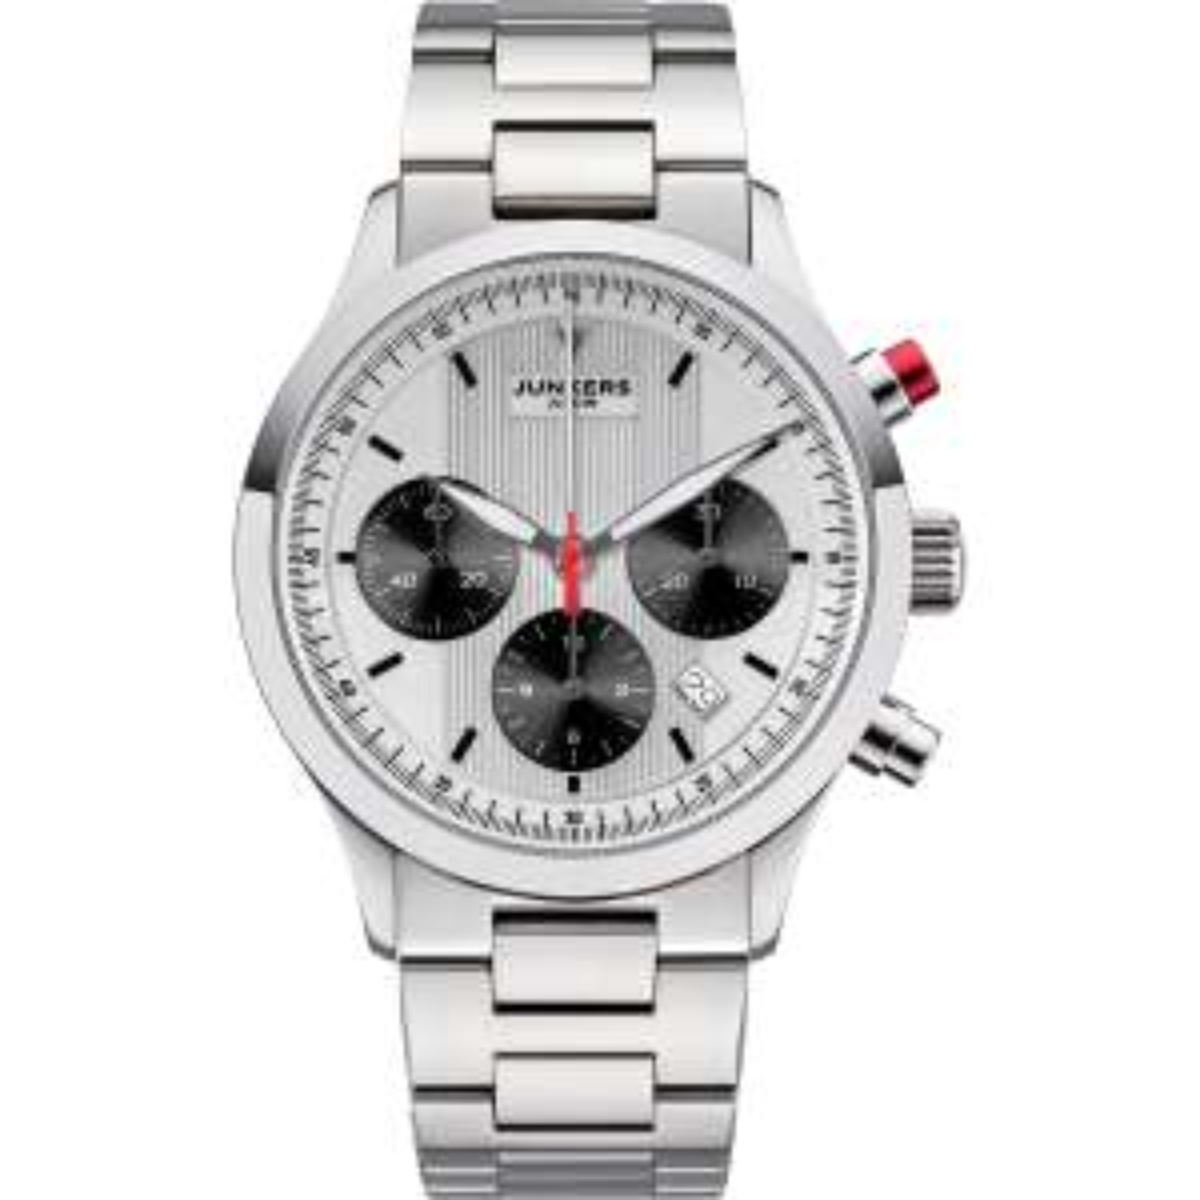 Junkers JU52 Automatik Uhr Chronograph 9.05.01.03.M (Panda, ETA 7753, 42mm)